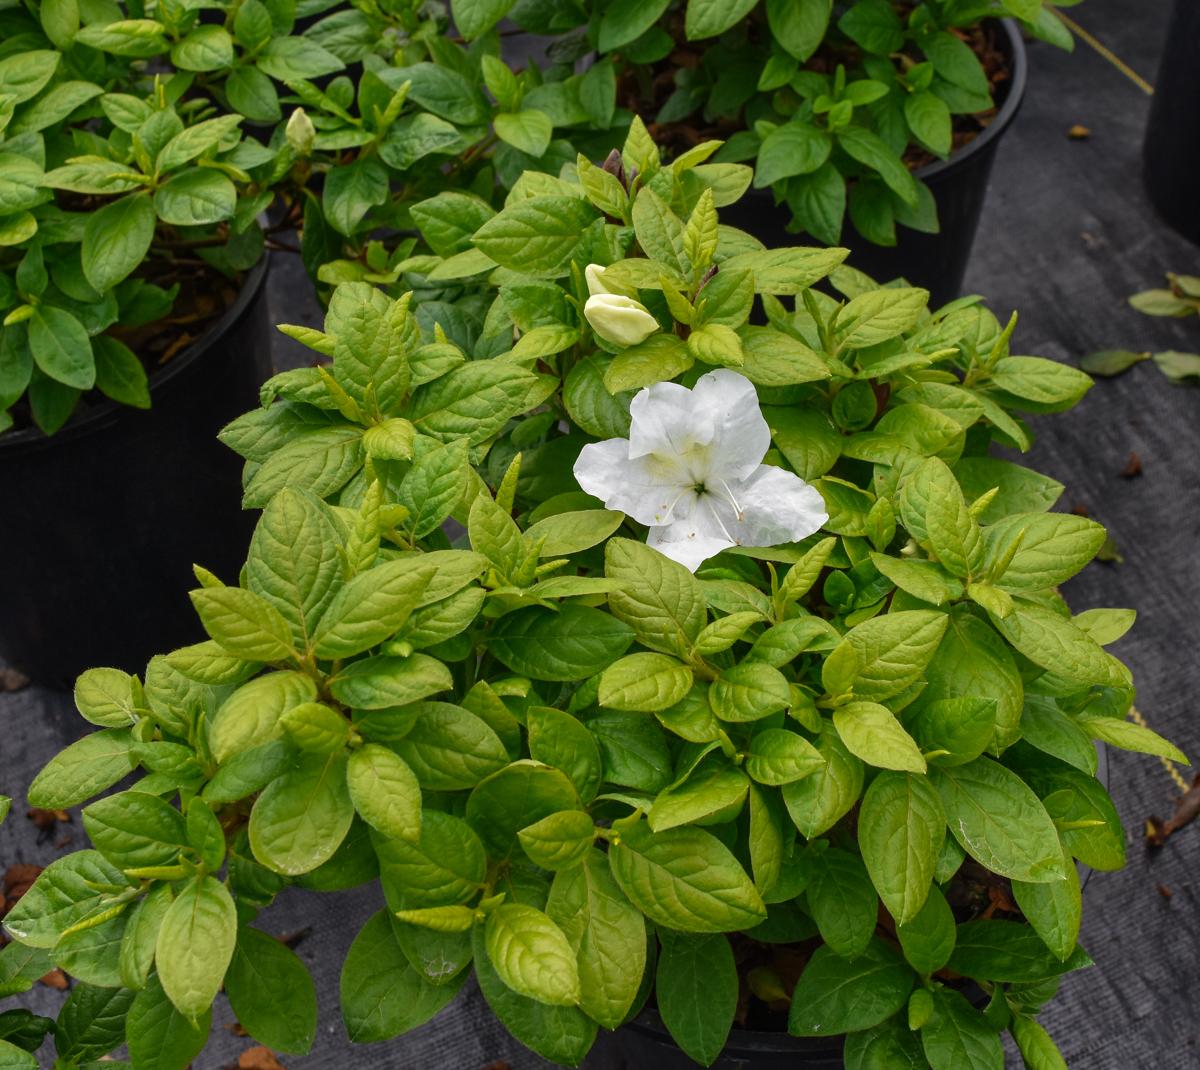 Helen Close Azalea Dense Rounded Shrub Green Leaves White Flowers